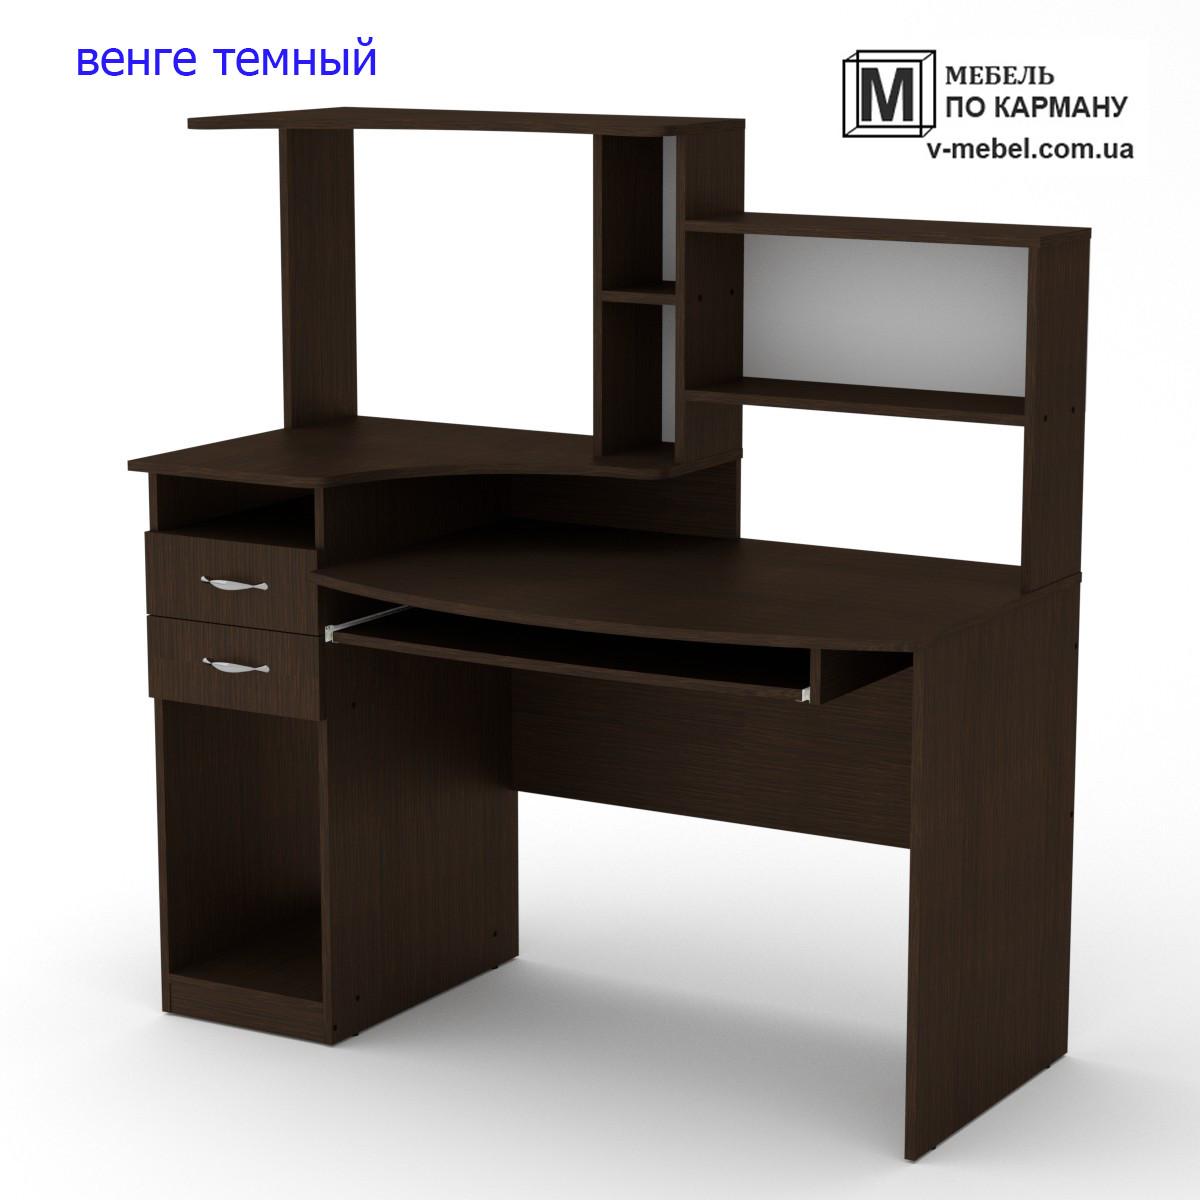 Стол компьютерный с надстройкой Комфорт-4